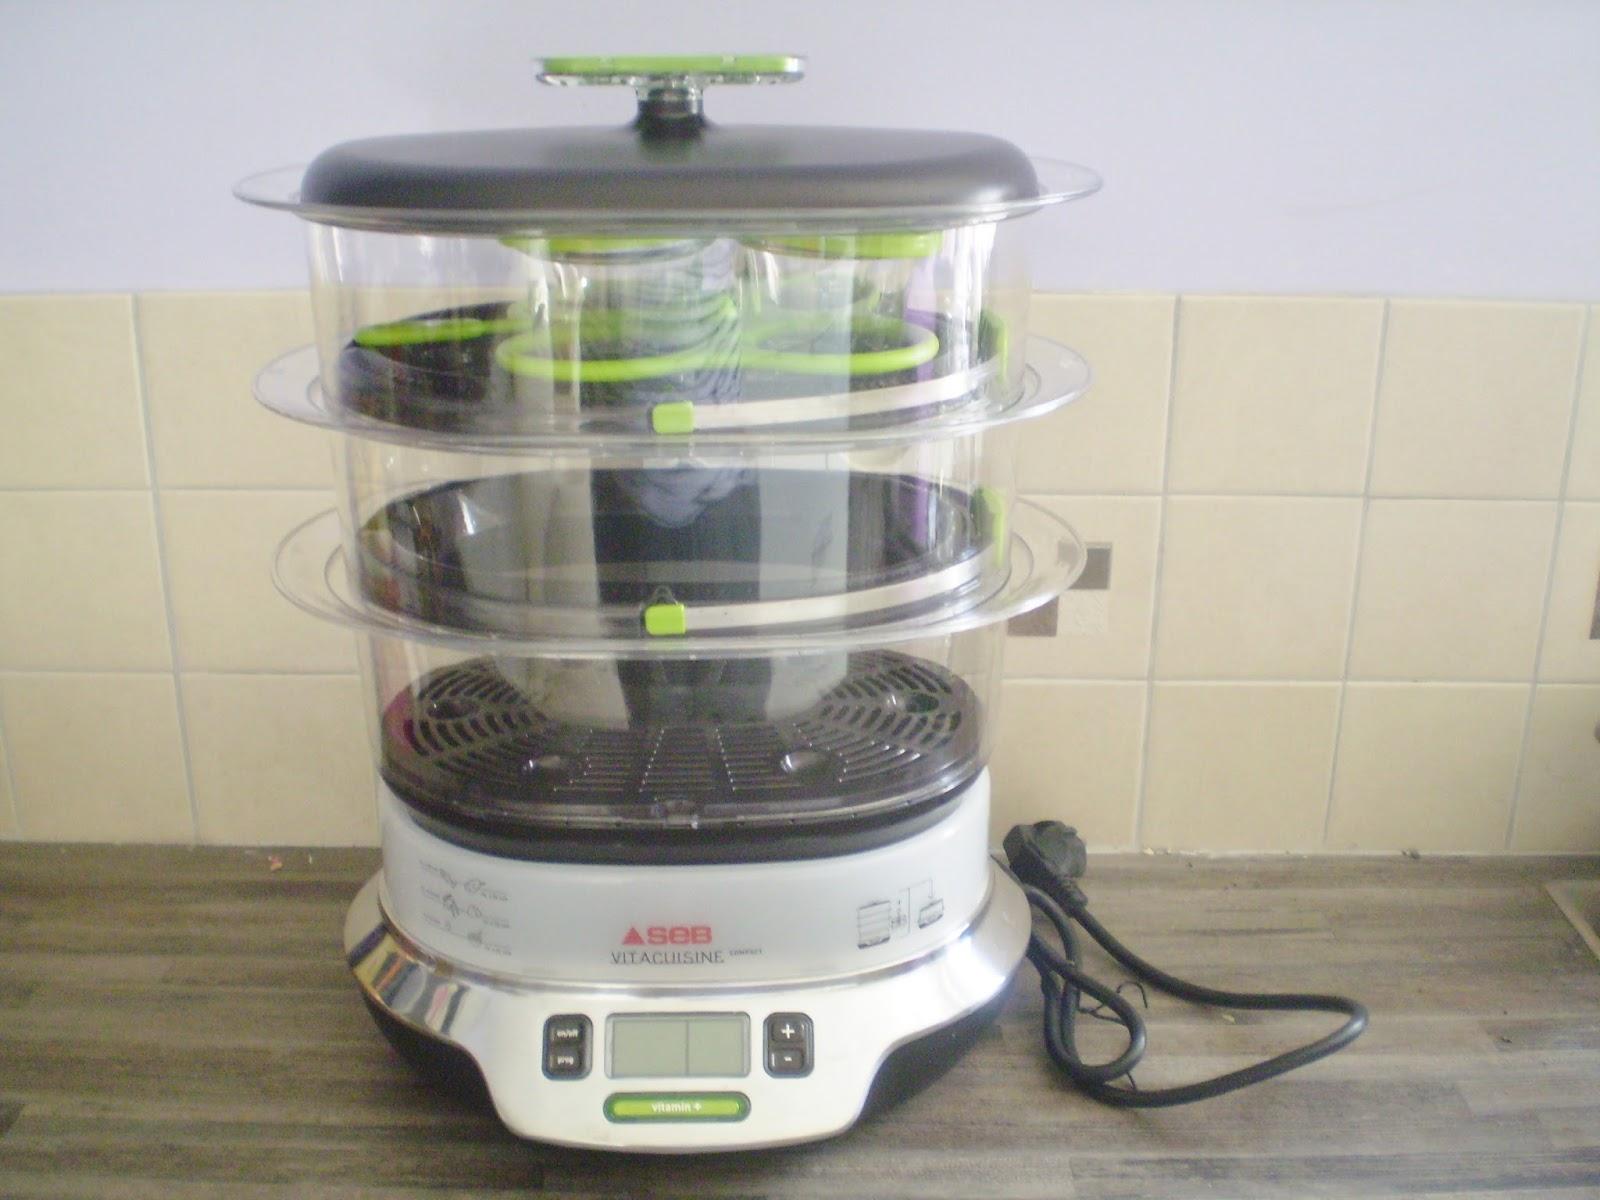 Les fourneaux de philo vitacuisine seb - Recette cuit vapeur seb ...